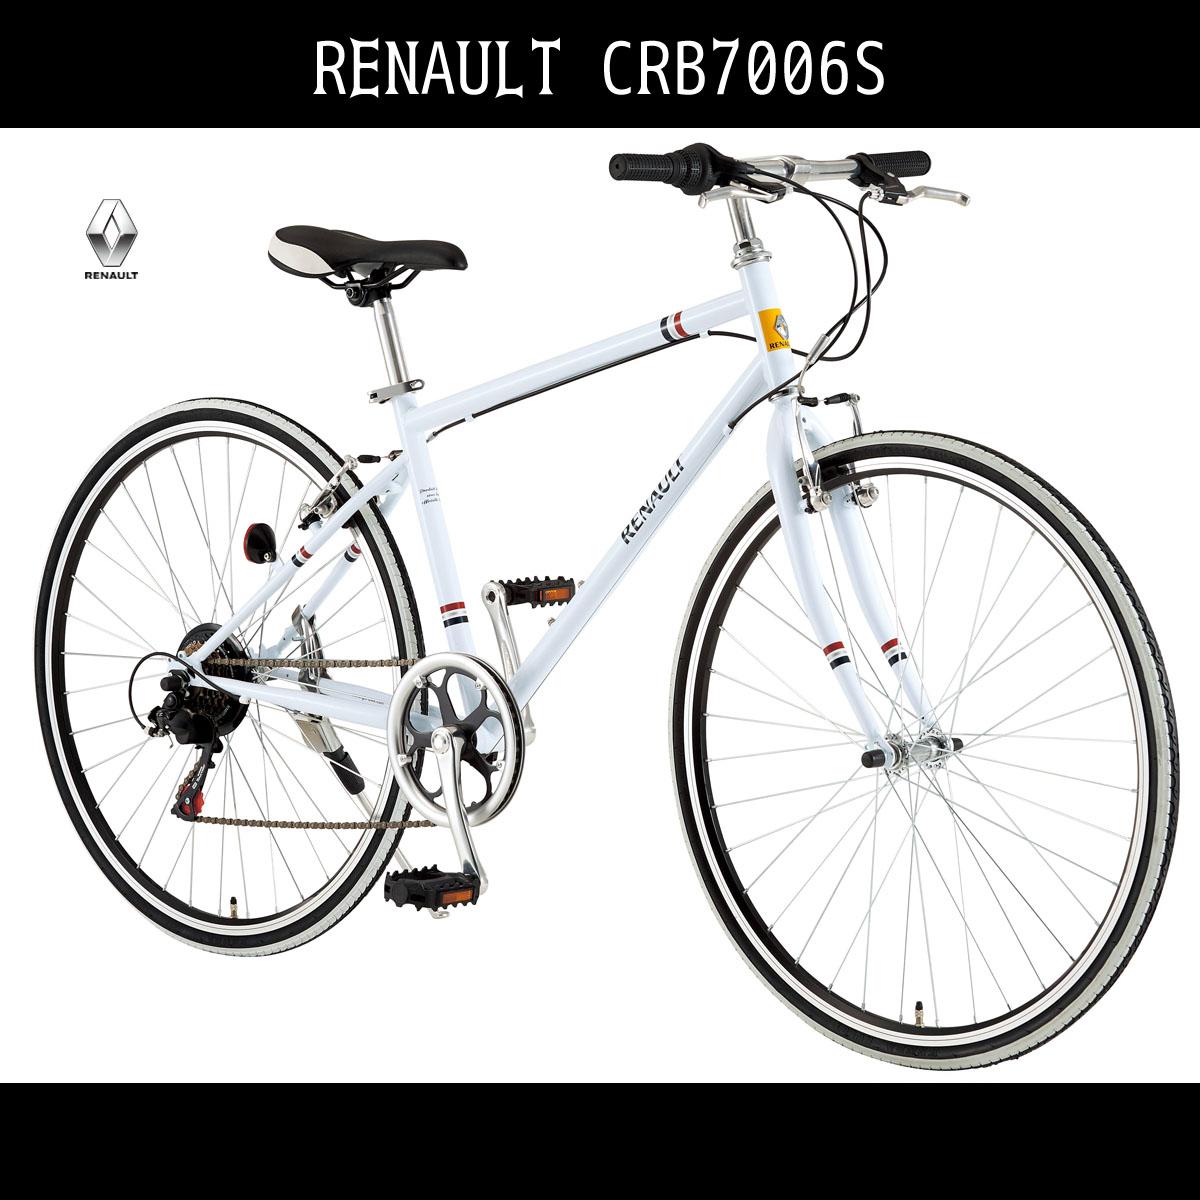 配送先一都三県一部地域限定 クロスバイク ルノー 自転車 ホワイト 白色700c クロスバイク 軽量 外装6段変速ギア付き CRB7006S スピード6段ギアでストライプタイヤなので、 かっこよくツーリングができる自転車 RENAULT ルノー 激安 安い おしゃれ